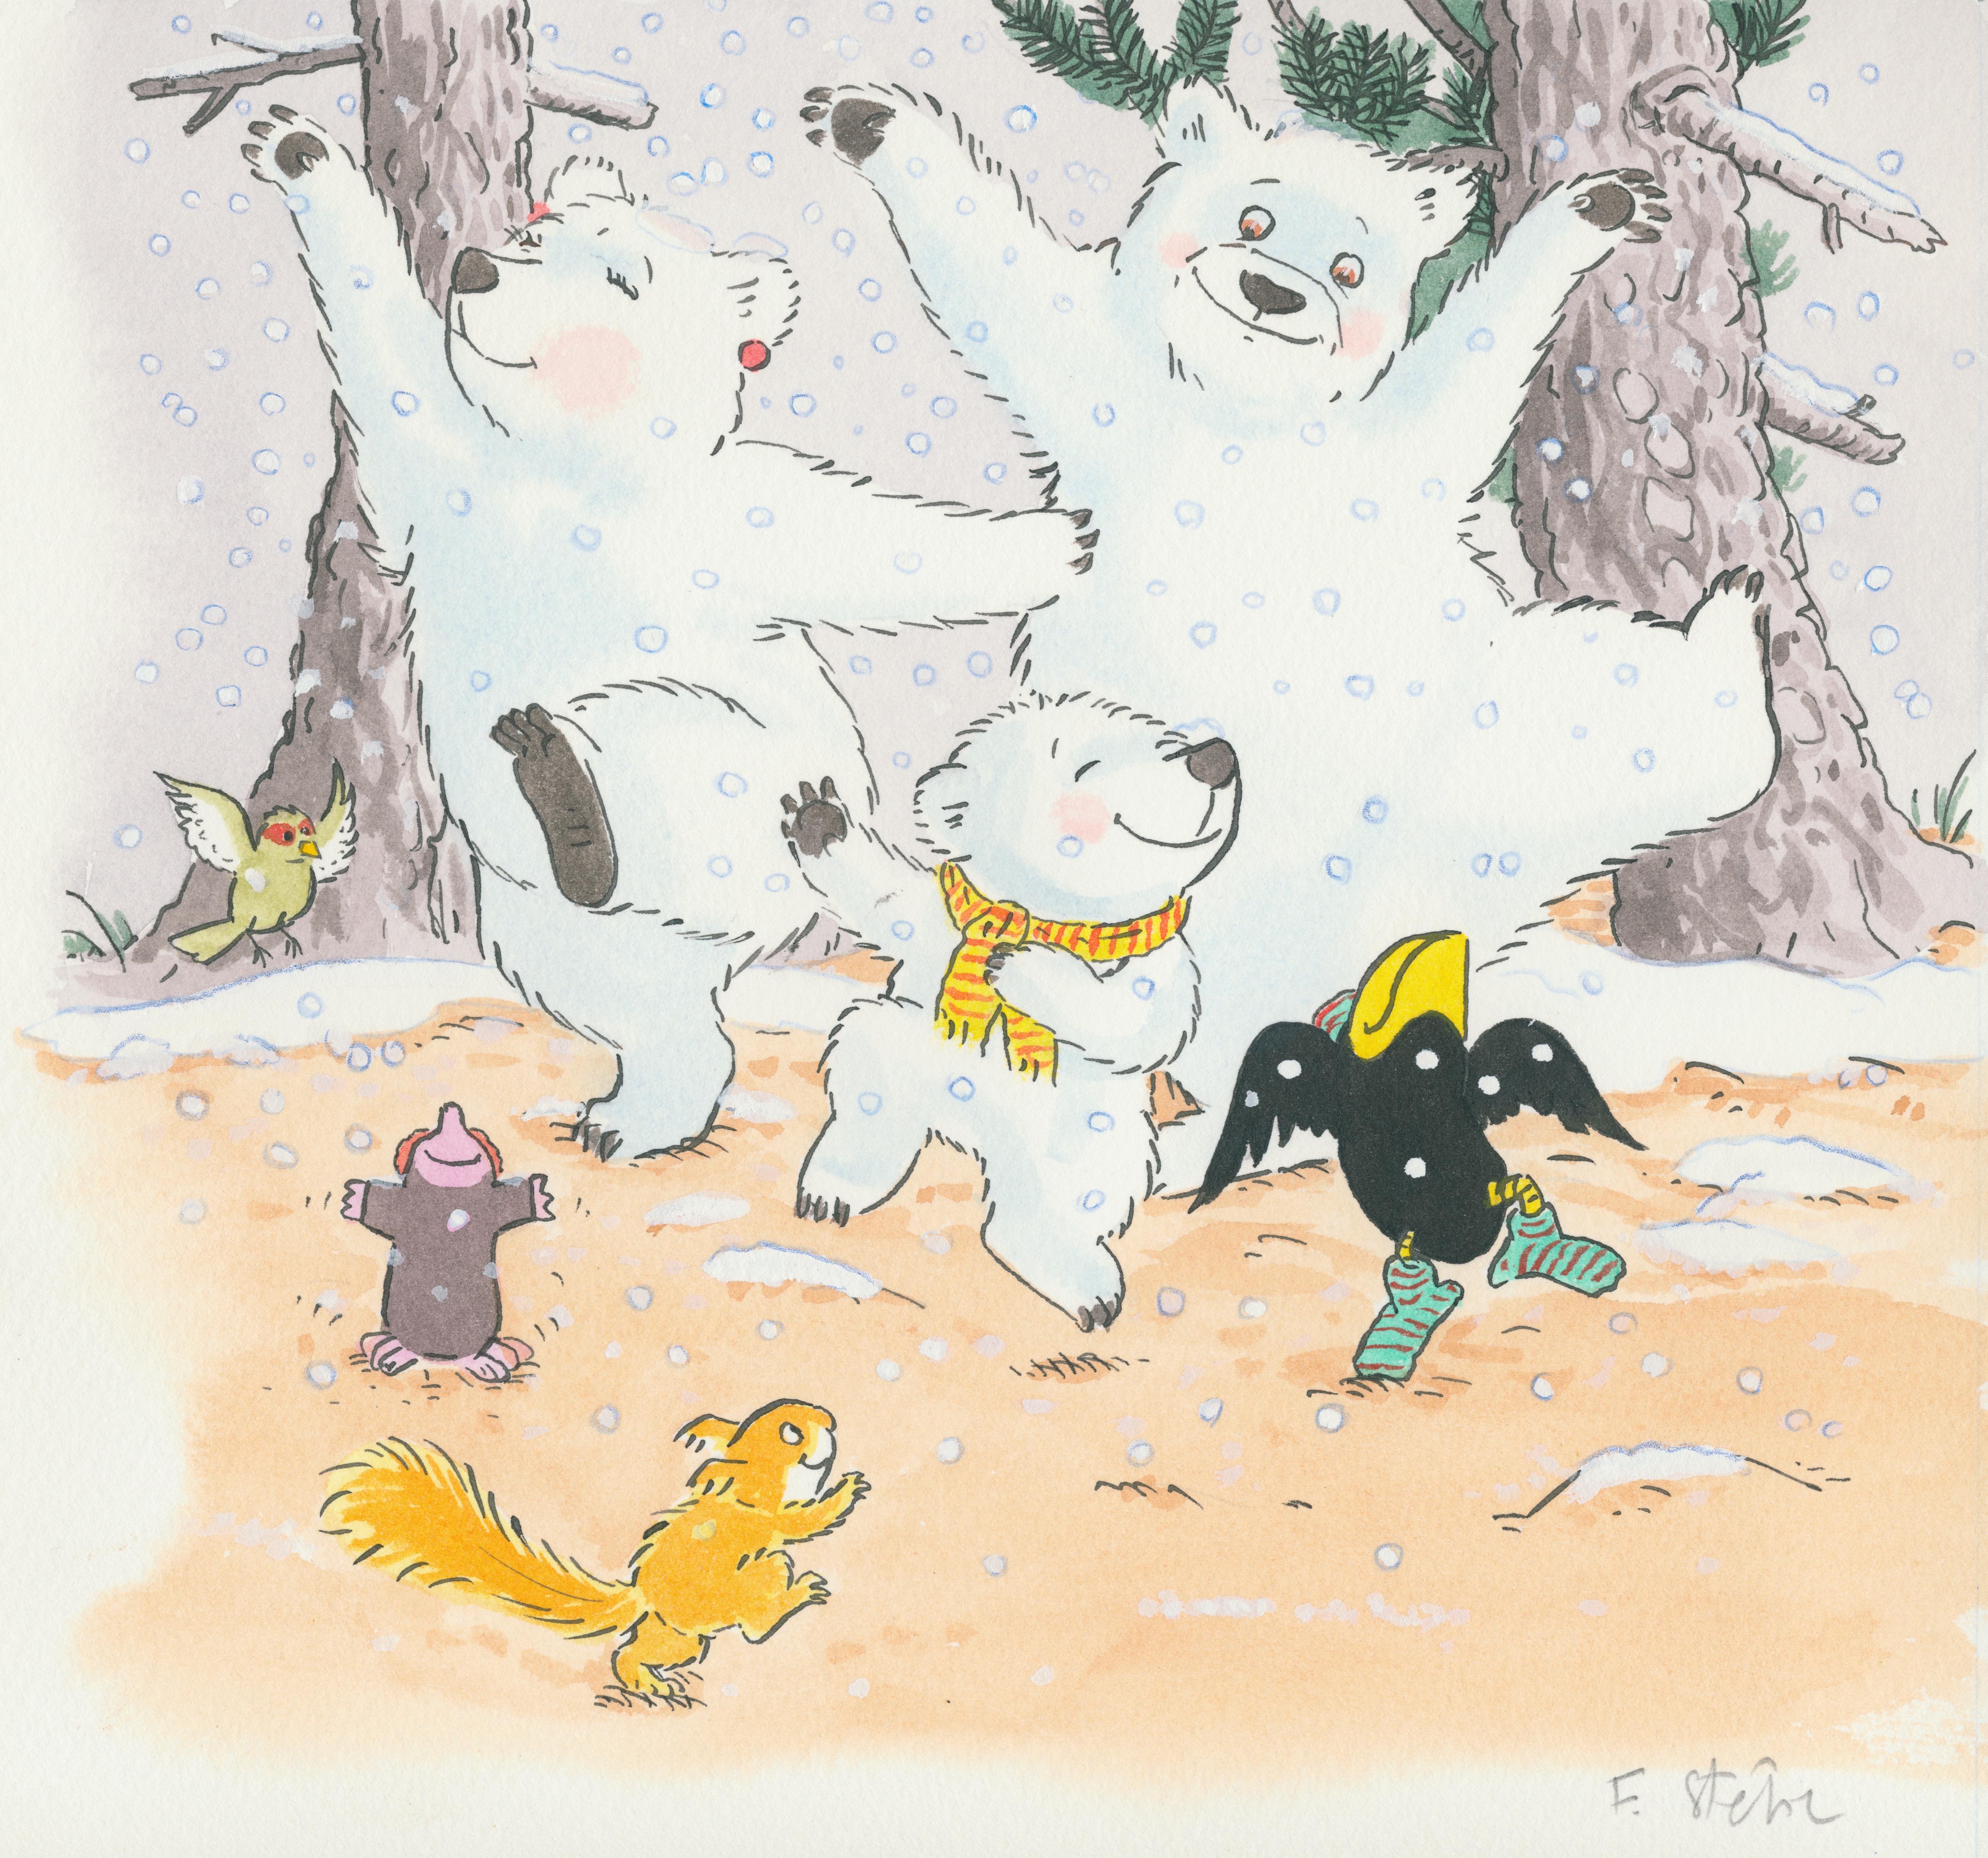 Dansons sous la neige